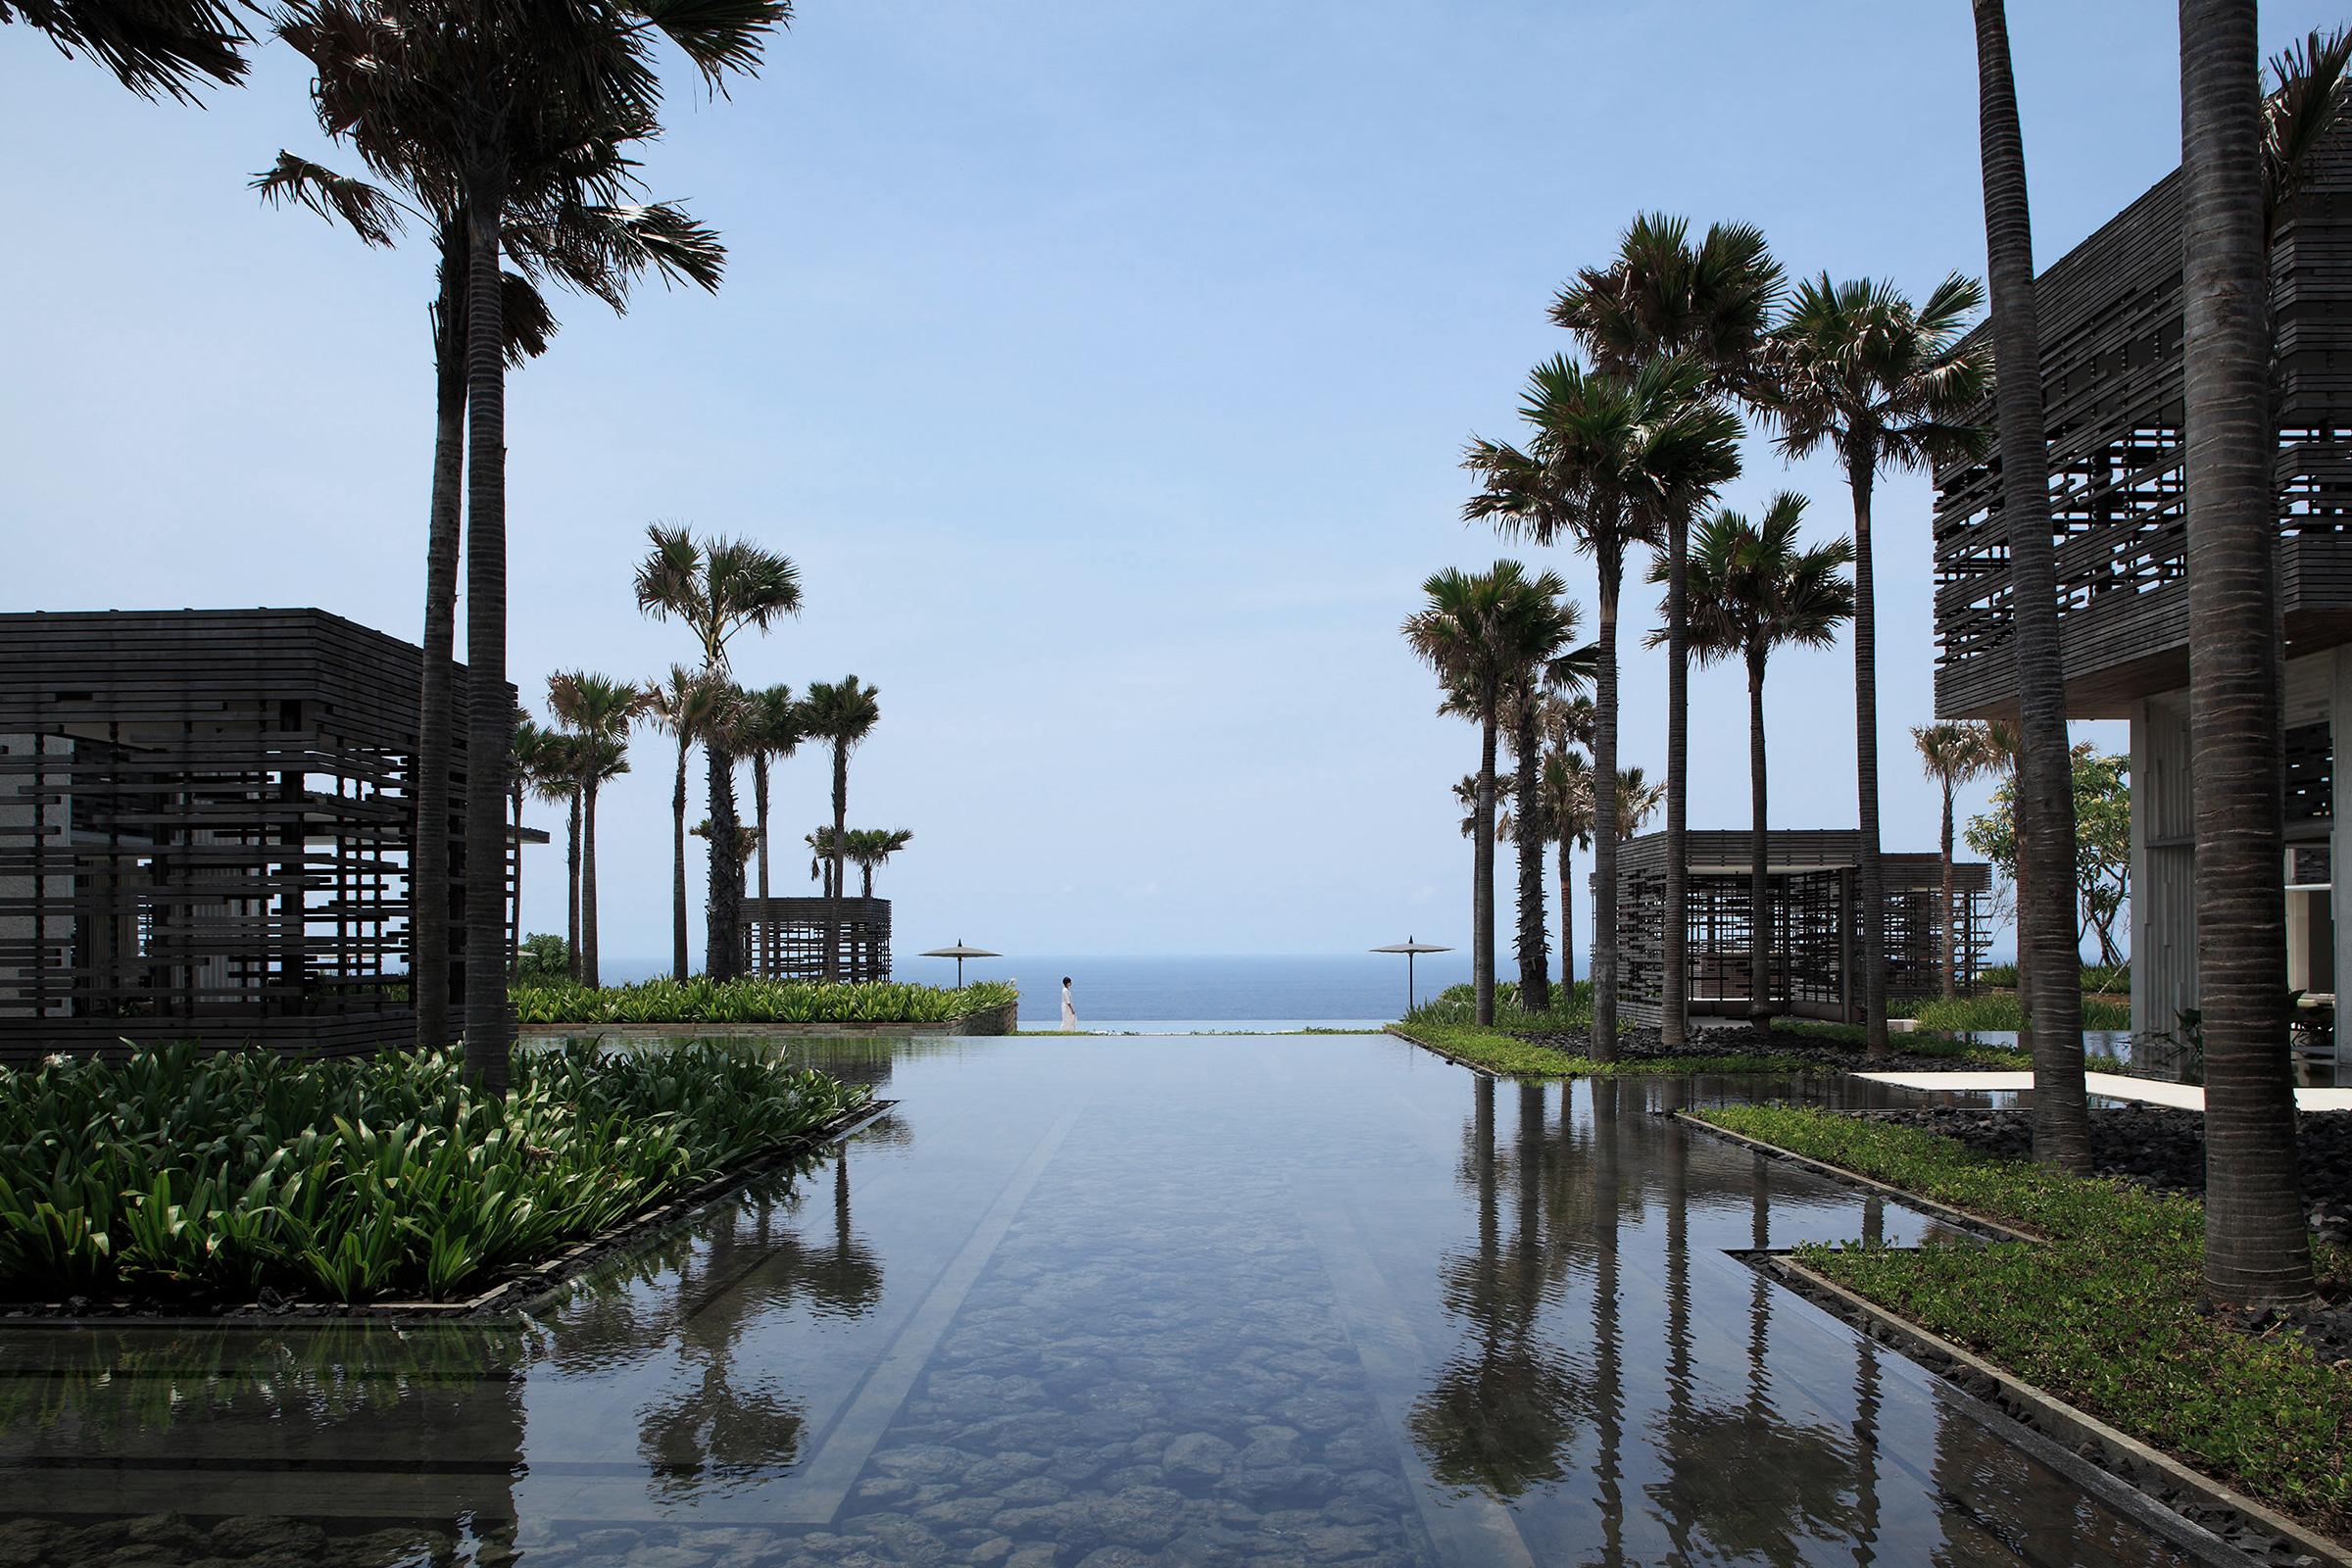 Alila-Villas-Uluwatu-Modern-Luxury-Hotel-Uluwatu-Bali